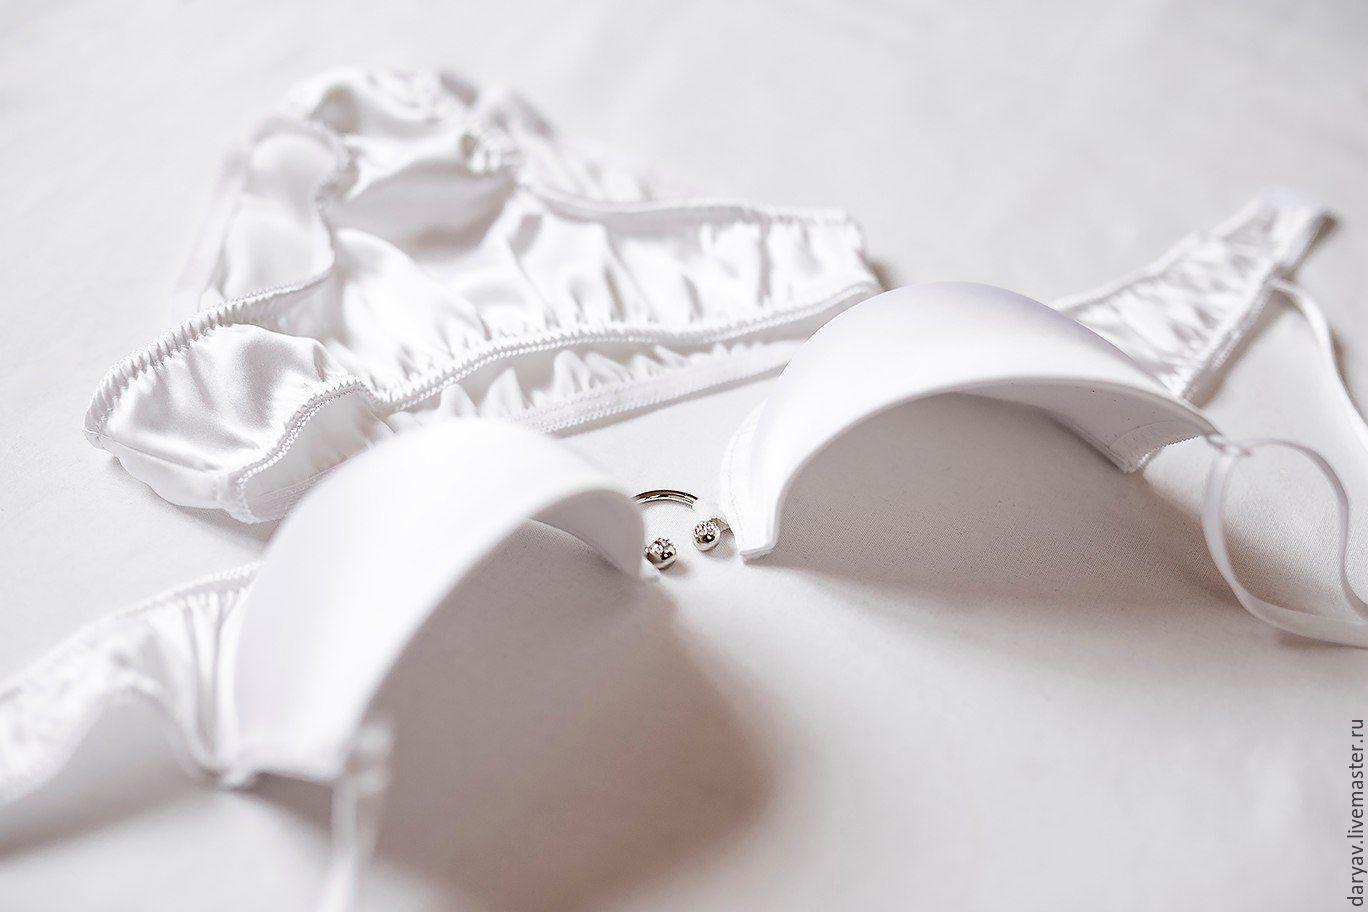 cd643c23de972 Белье ручной работы. Ярмарка Мастеров - ручная работа. Купить Комплект  нижнего белья из натурального ...